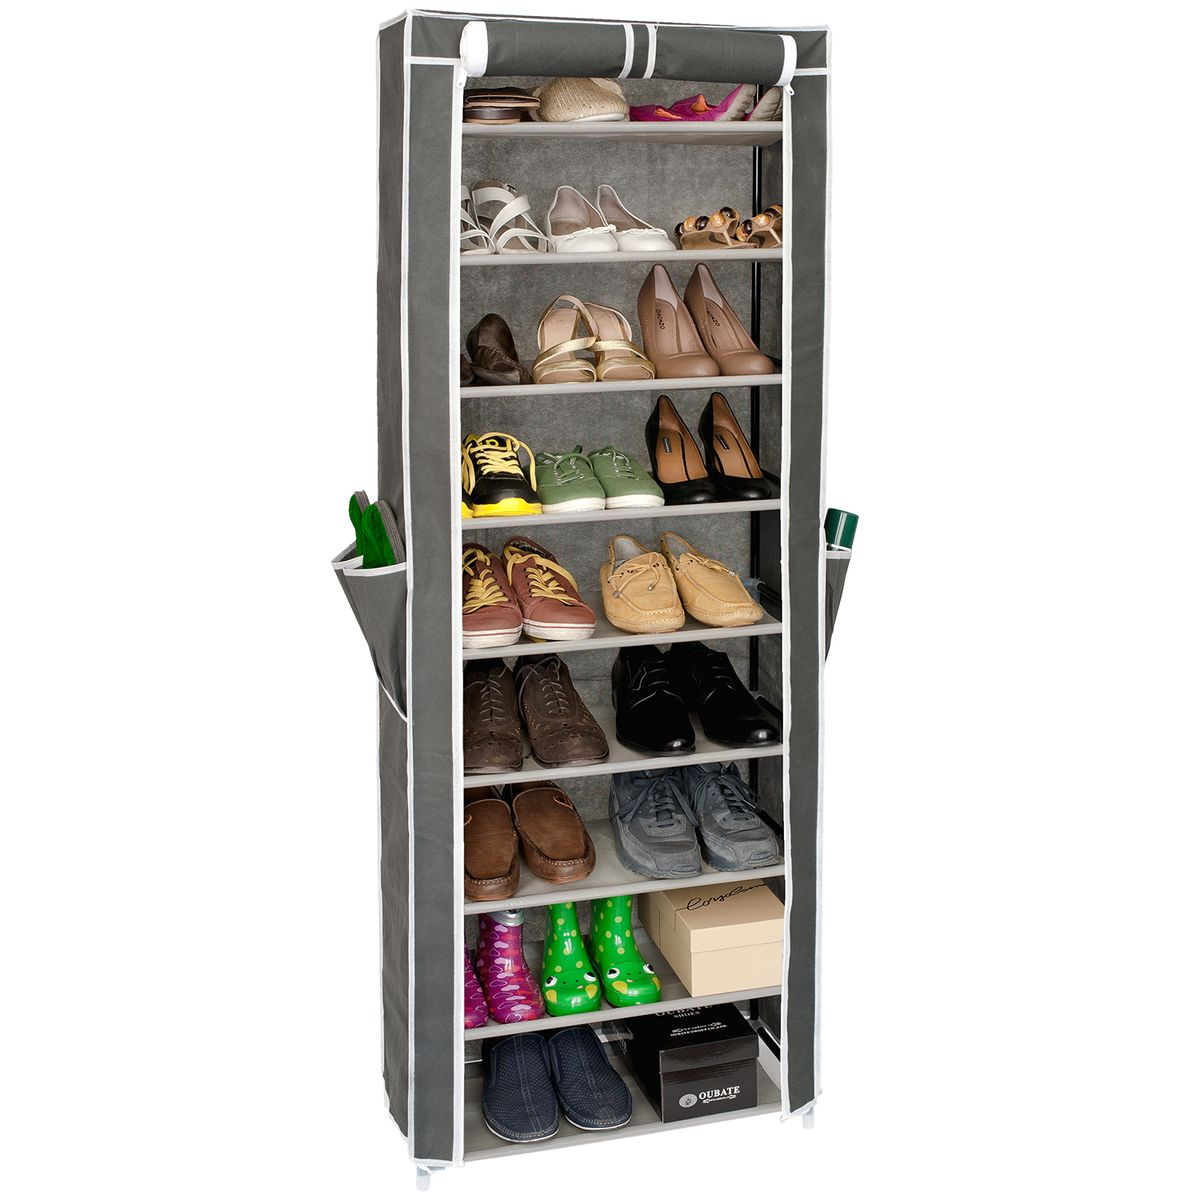 Этажерка для обуви Artmoon Carrie, с нетканым чехлом, 9 полок, цвет: серый699317Этажерка Artmoon Carrie состоит из 9 полок, рассчитанных на 27 пар обуви. Полки съемные, регулируются под обувь любой высоты.Нетканый чехол защищает от пыли, две молний, фиксируется липучкой в открытом виде, полки с полипропиленовой пропиткой не боятся влаги для легкой уборки. На чехле расположены дополнительные 4 кармашка. Размер этажерки: 58 x 29 x 160 см.